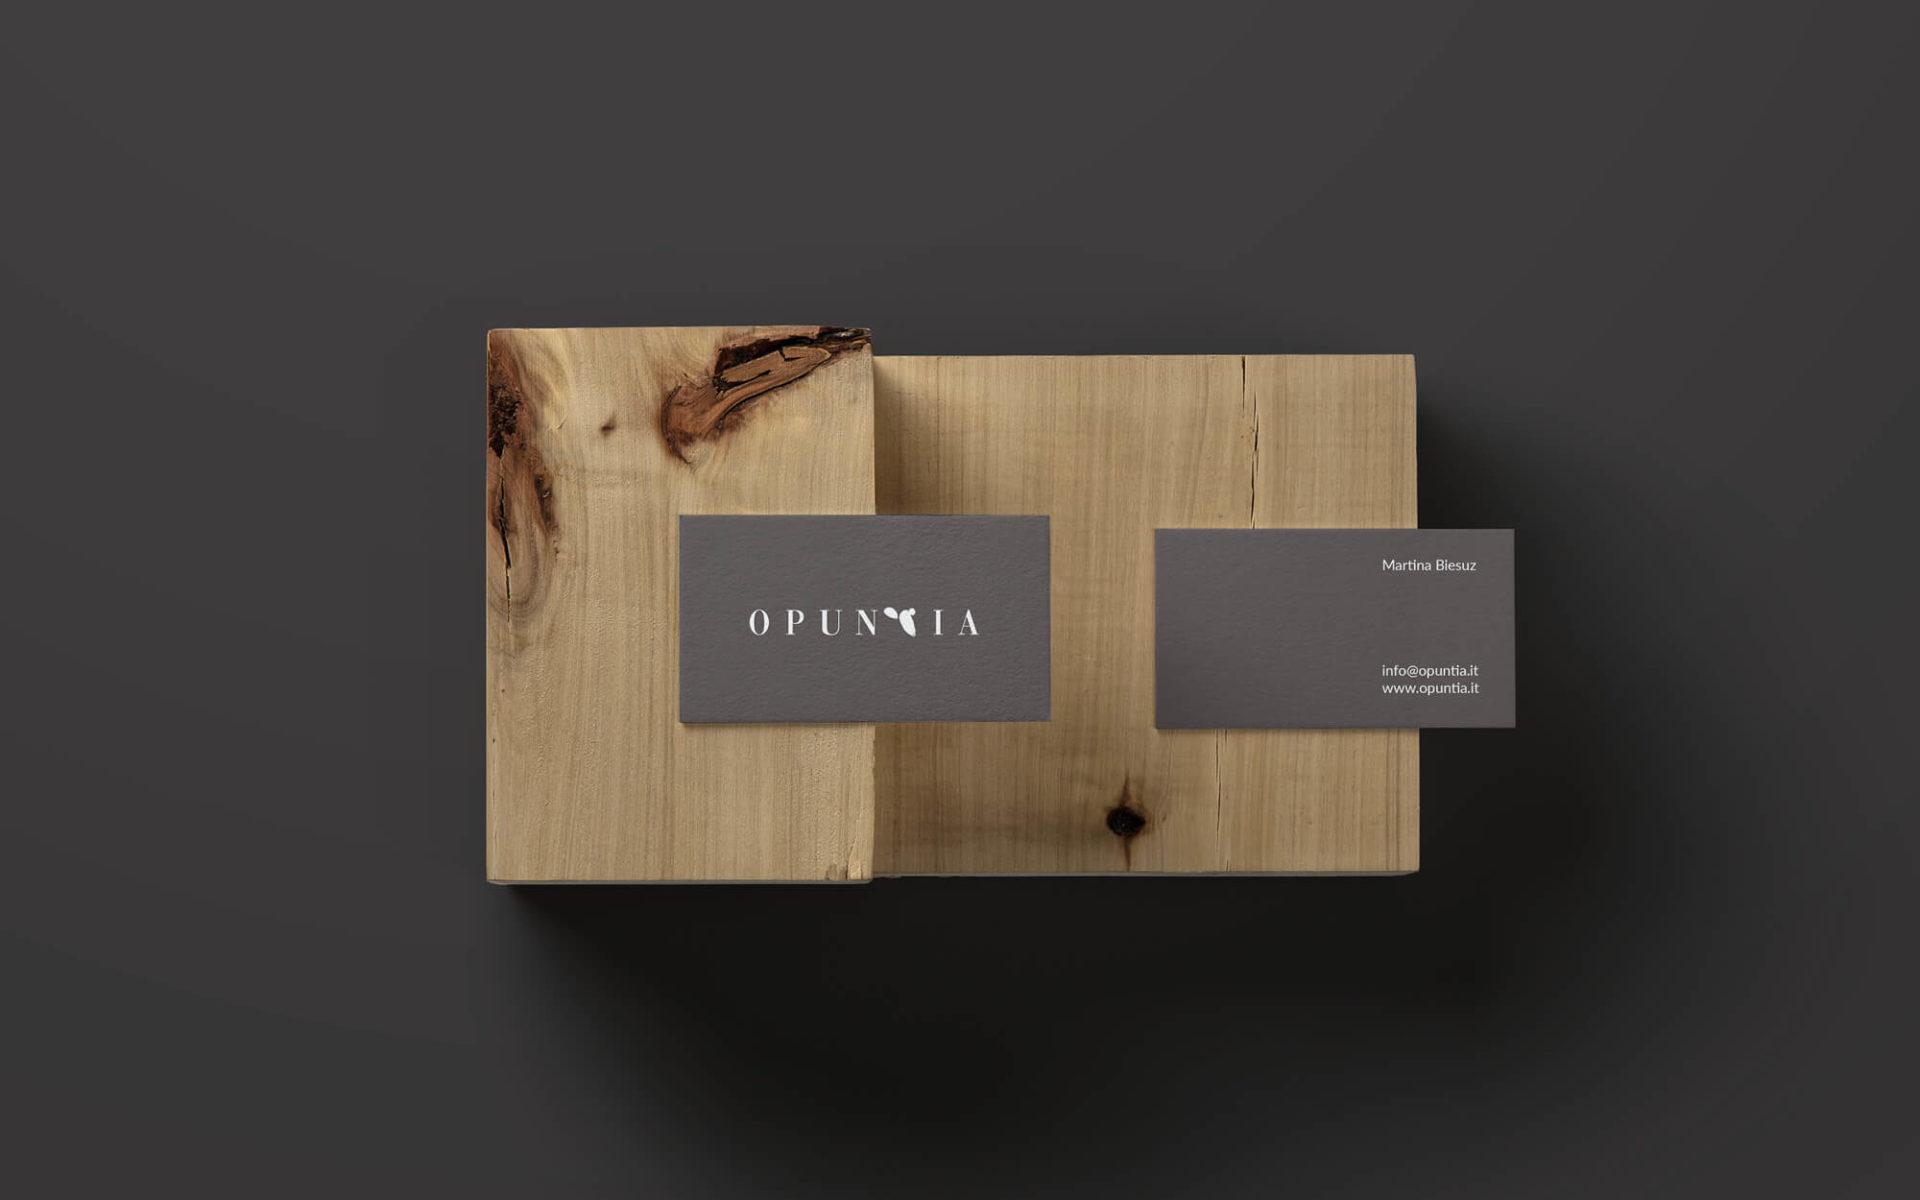 progetto per biglietto da visita Opuntia i giardini di Martina, studio grafico Diade, Arco Tn